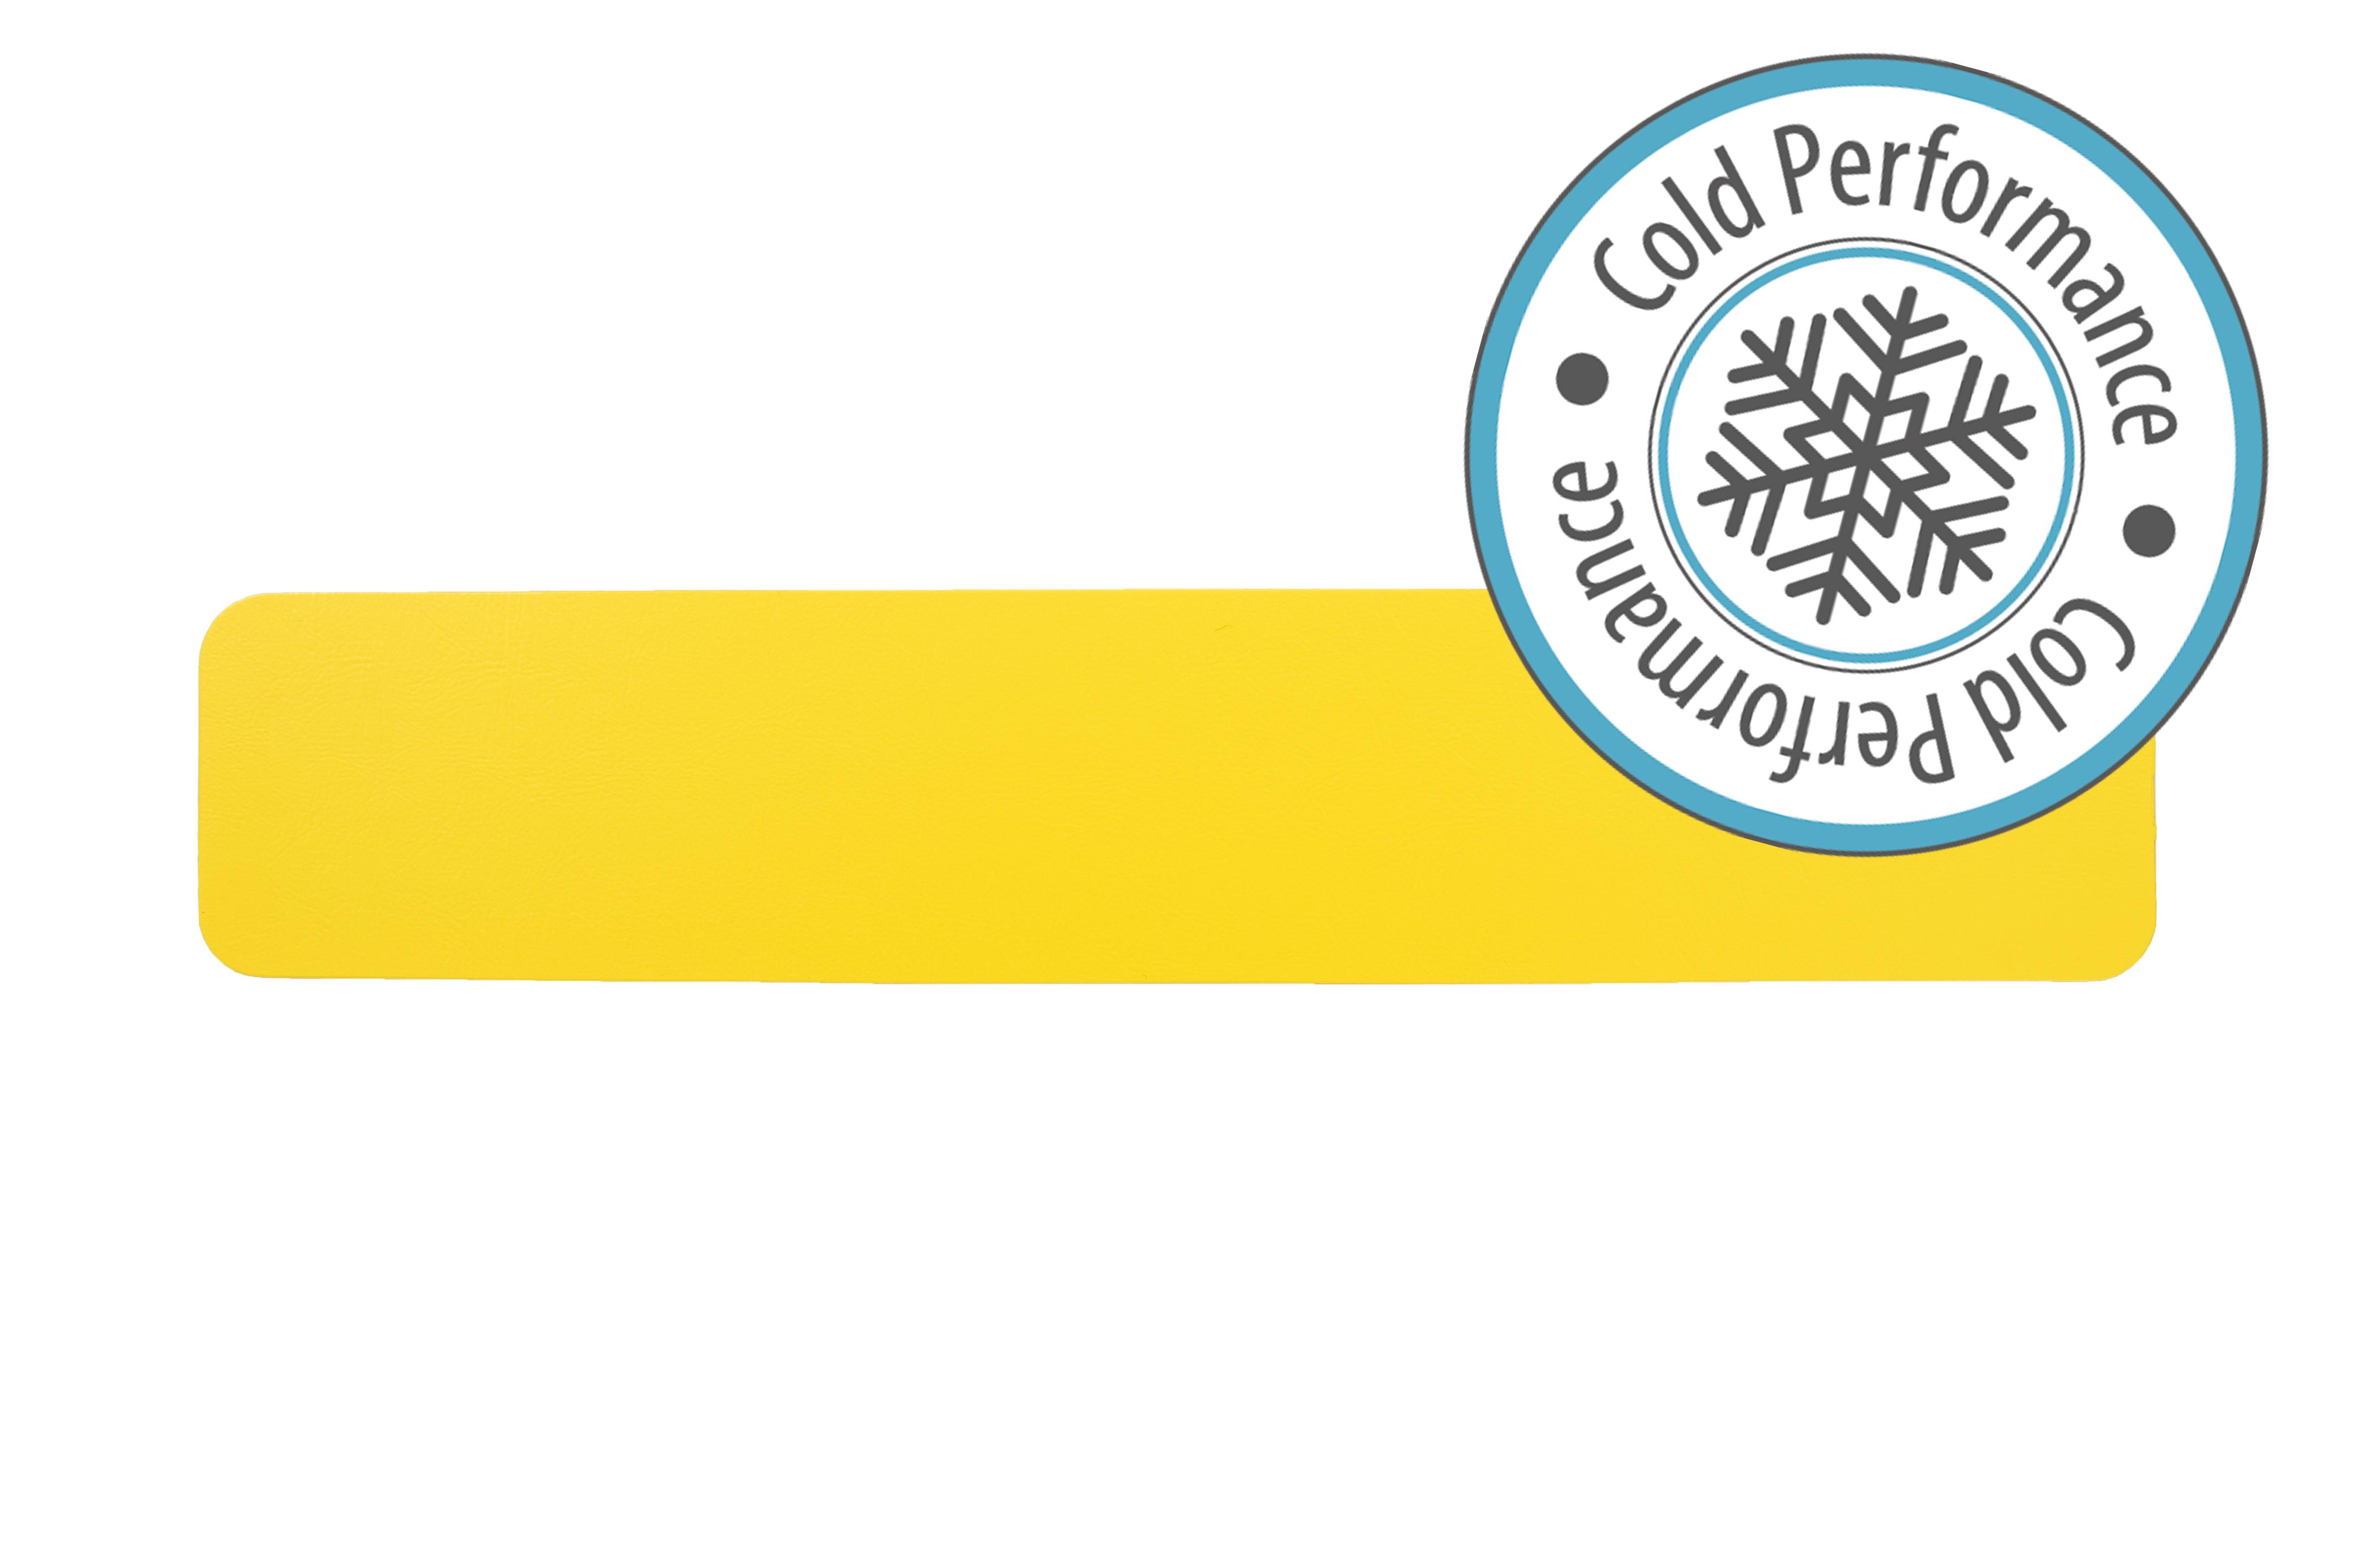 Bodenkennzeichnungssymbol Cold Performance